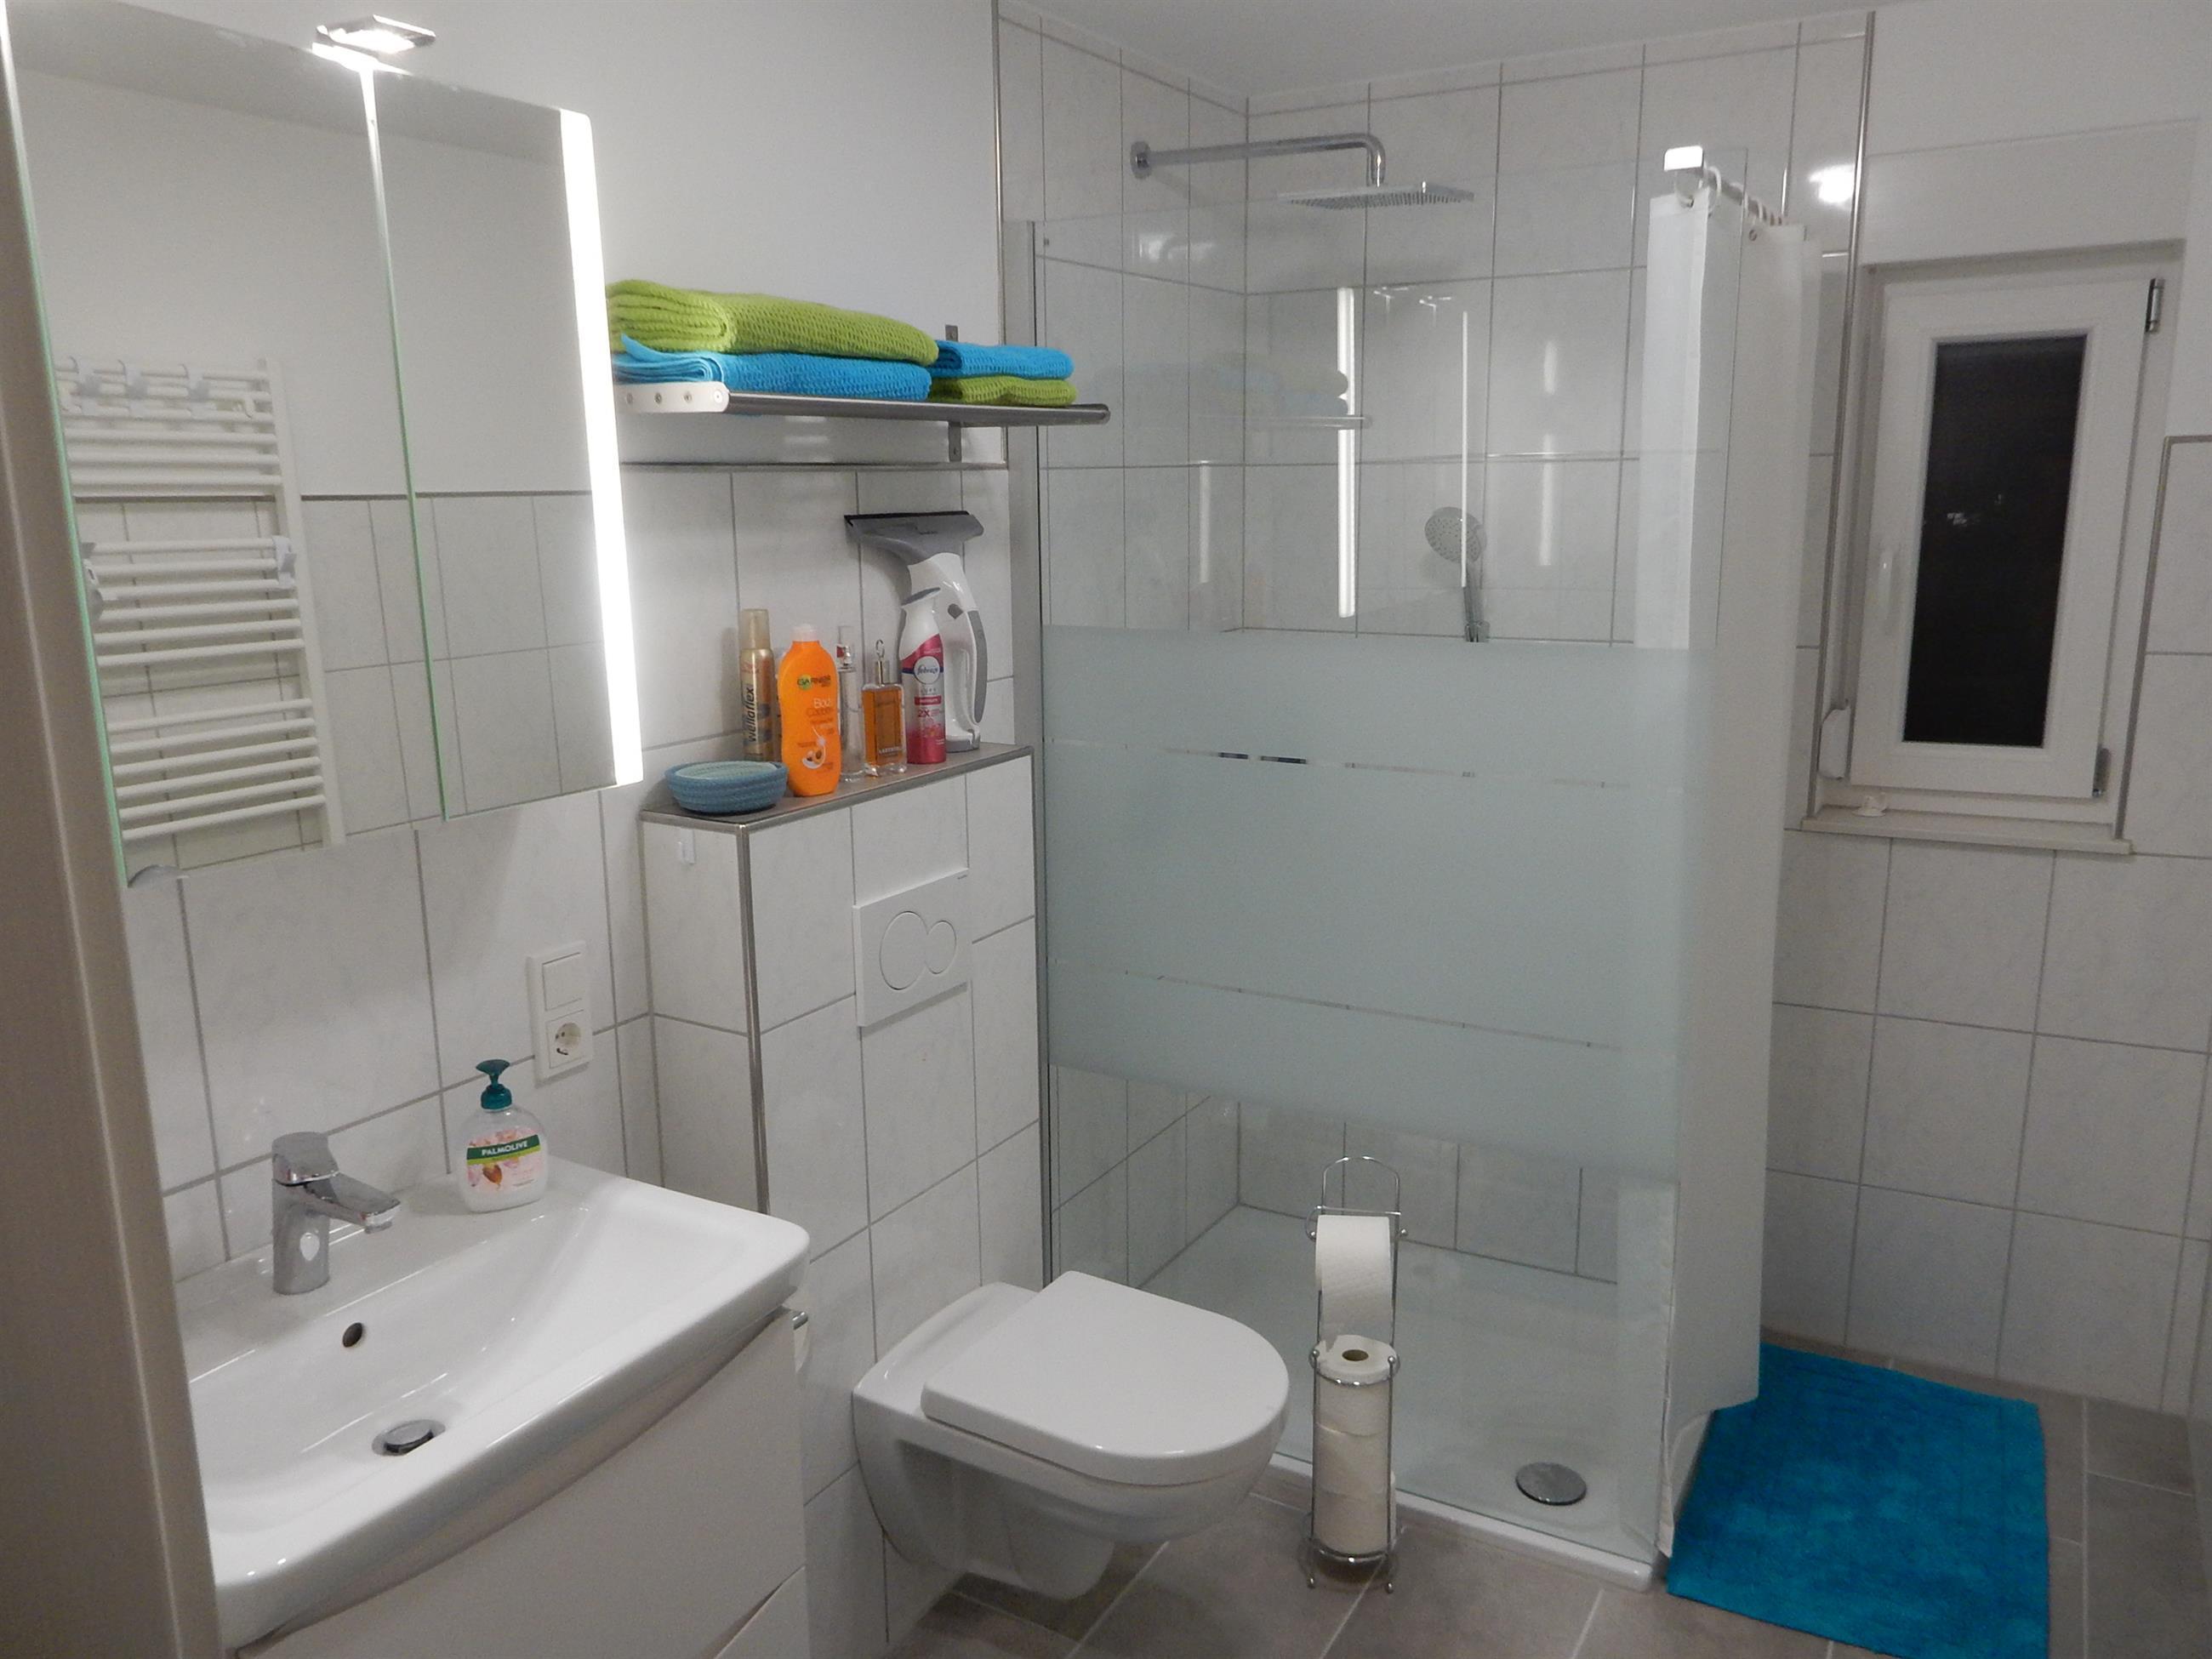 Bad mit Dusche (Engel)